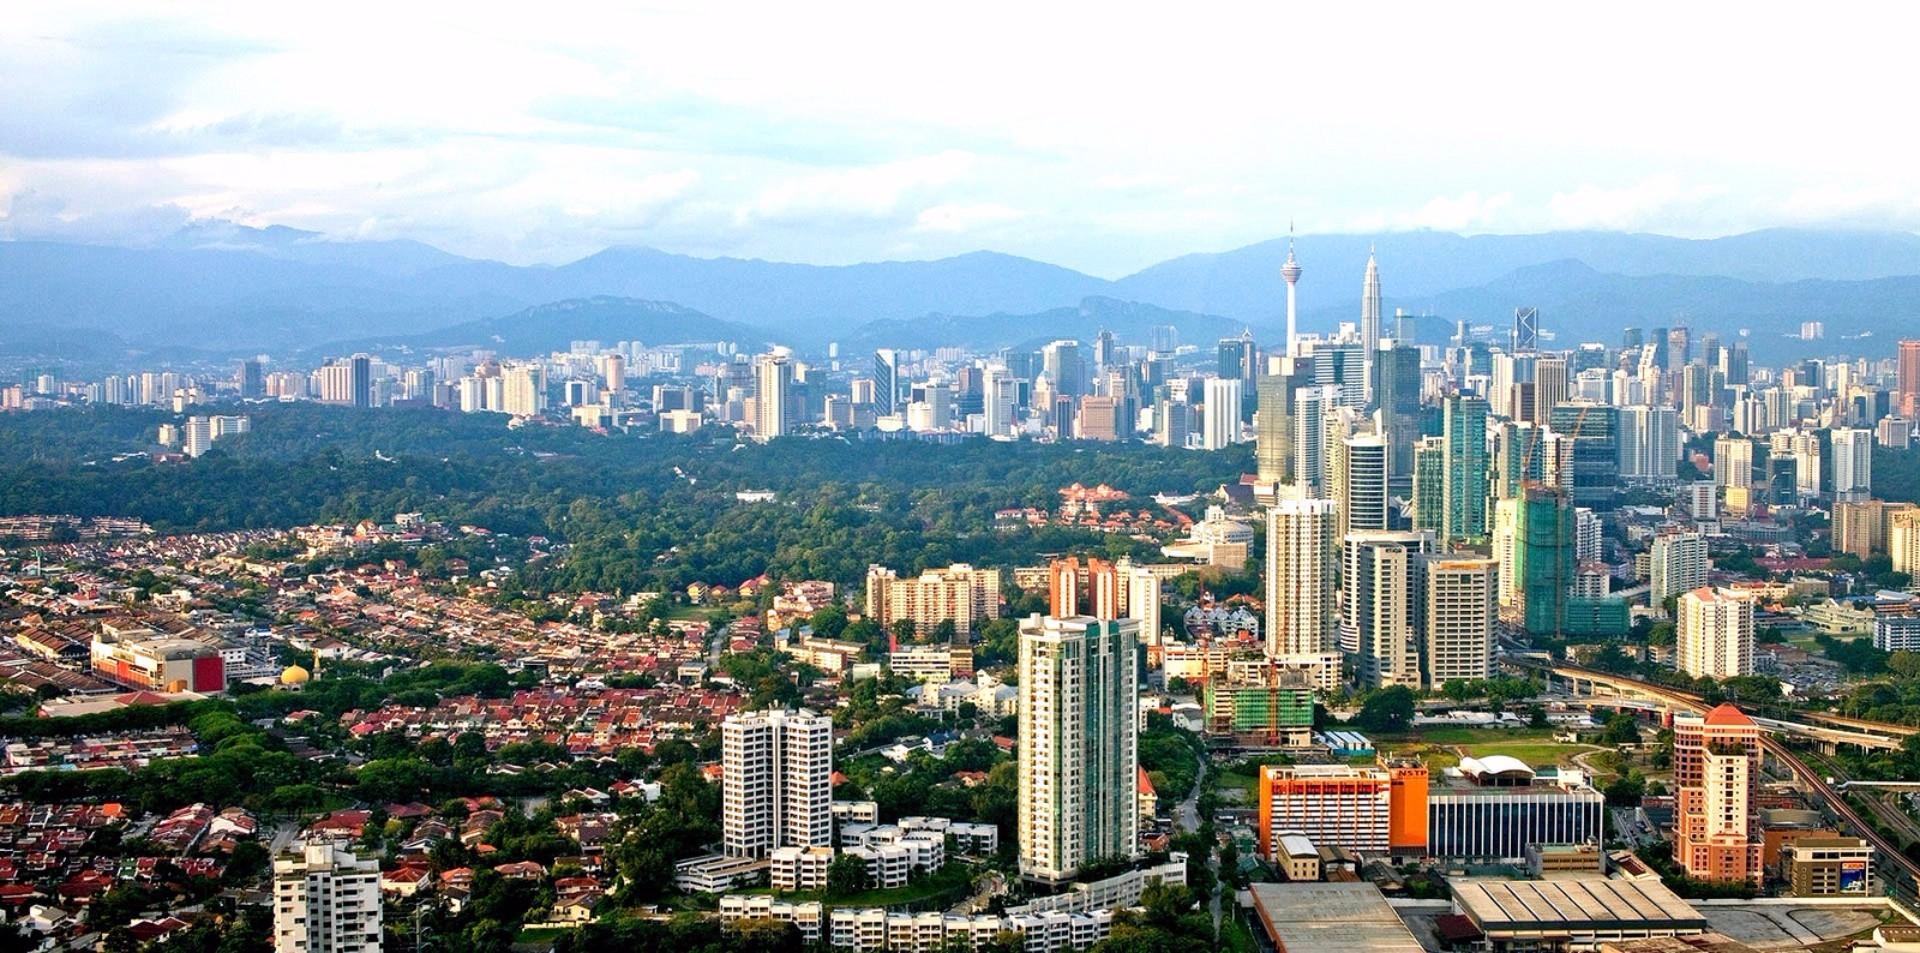 Kuala Lumpur Population in 2017